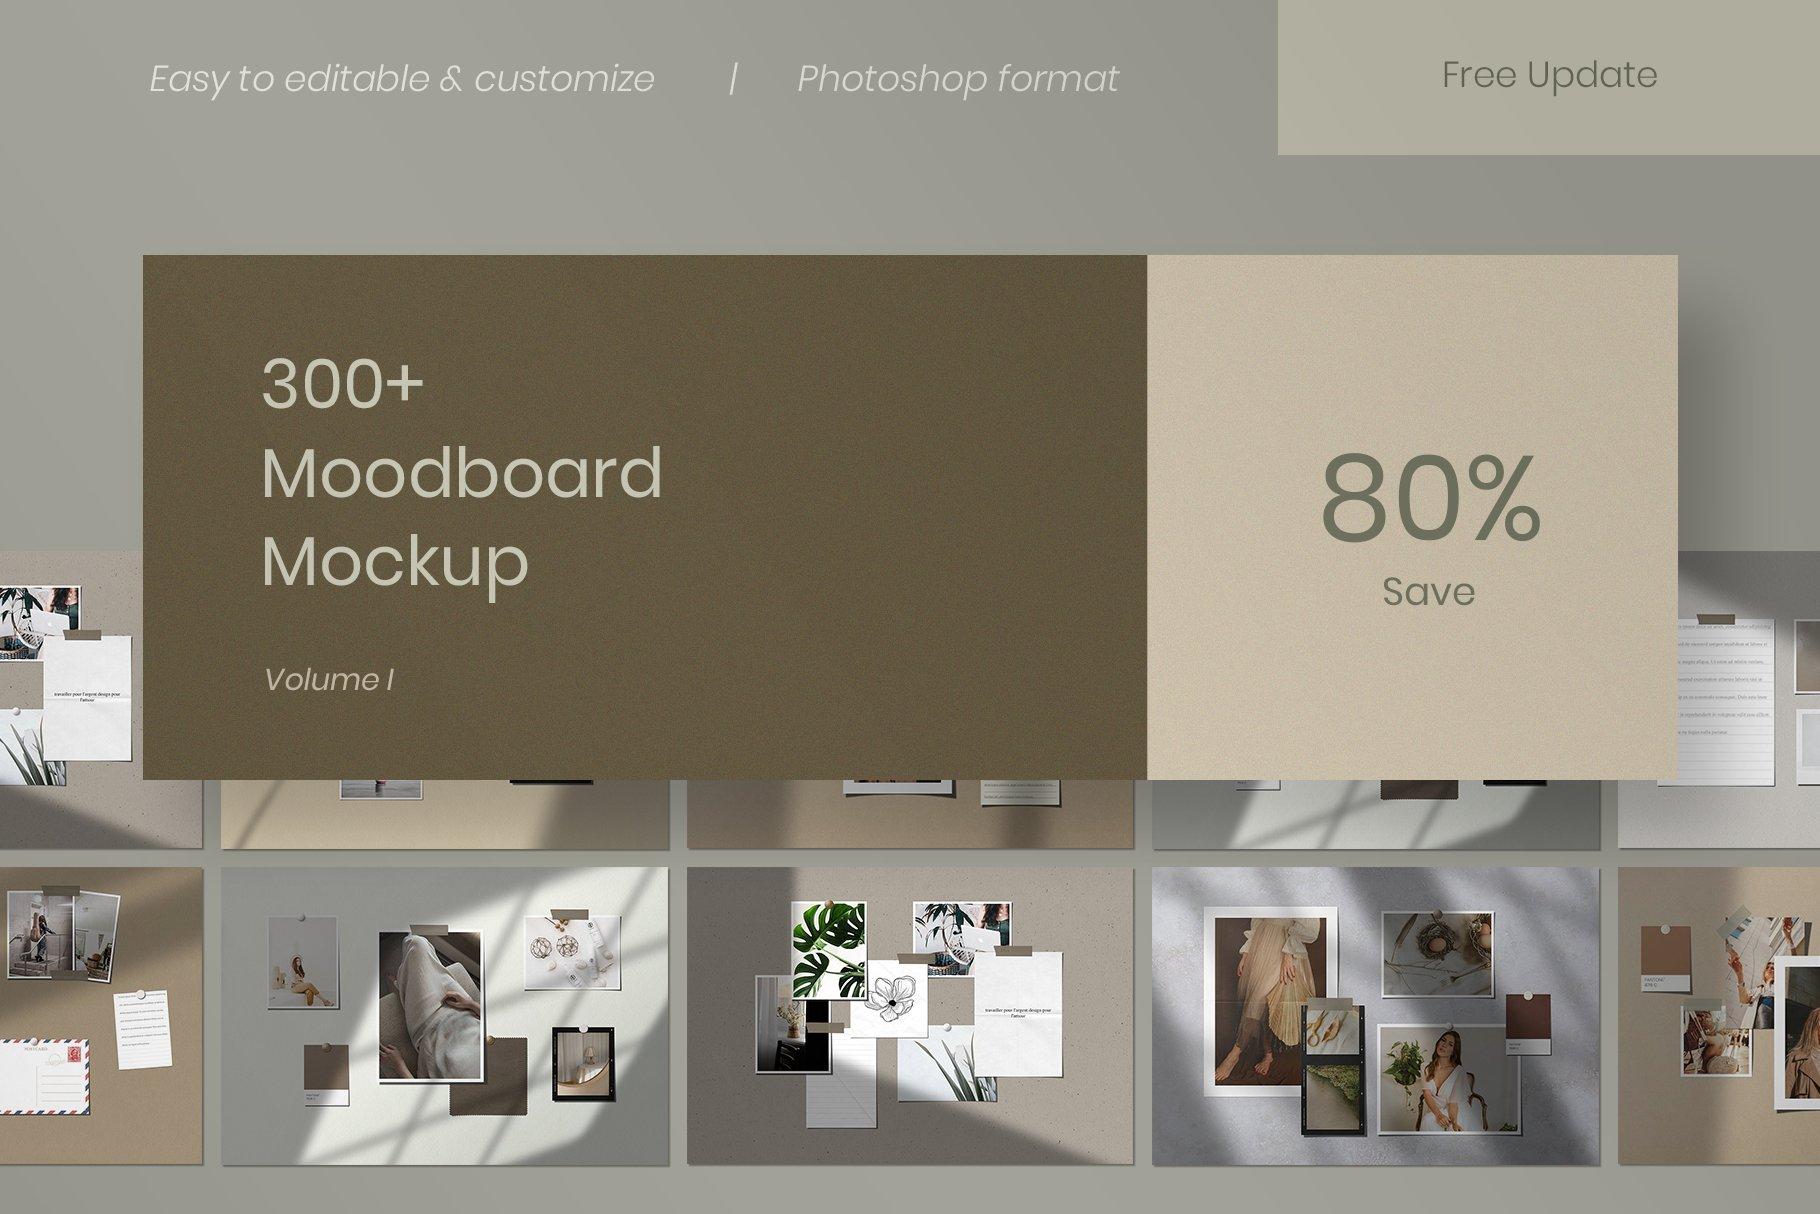 [淘宝购买] 10套文艺情绪板摄影相片卡片拼贴设计PSD源文件 Bundle Moodboard Mockup V2插图